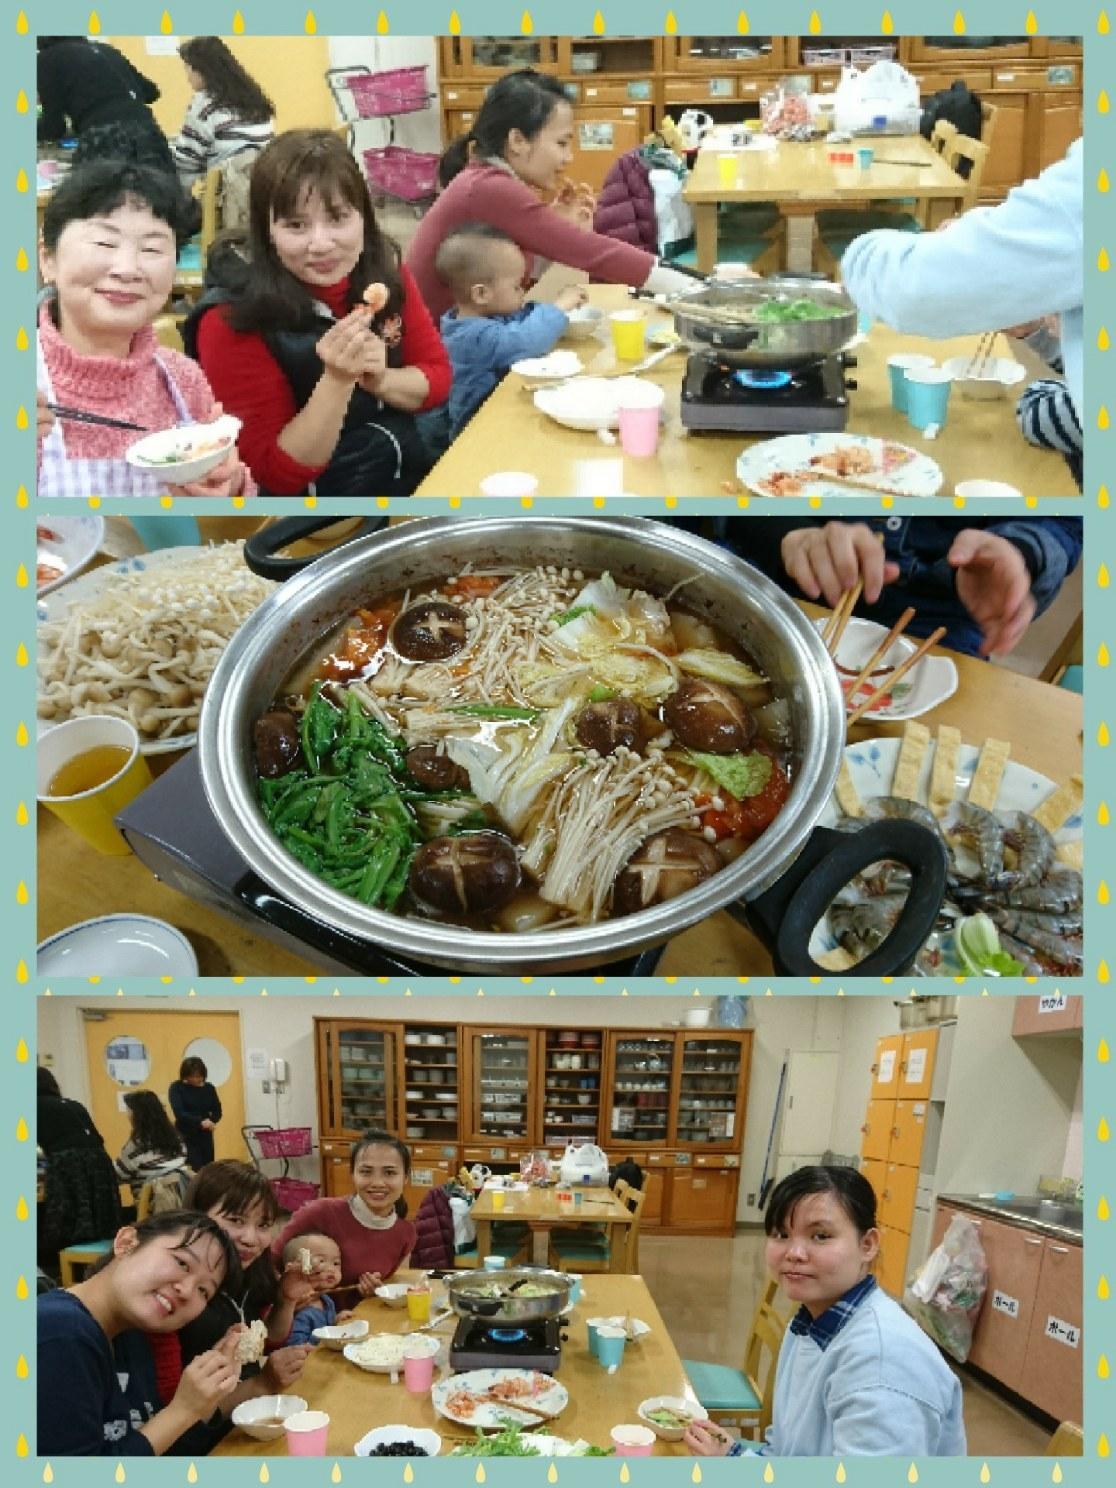 インターナショナルキッチン 「冬はやっぱり鍋でしょう!?」 火曜日朝教室 _e0175020_00373440.jpg